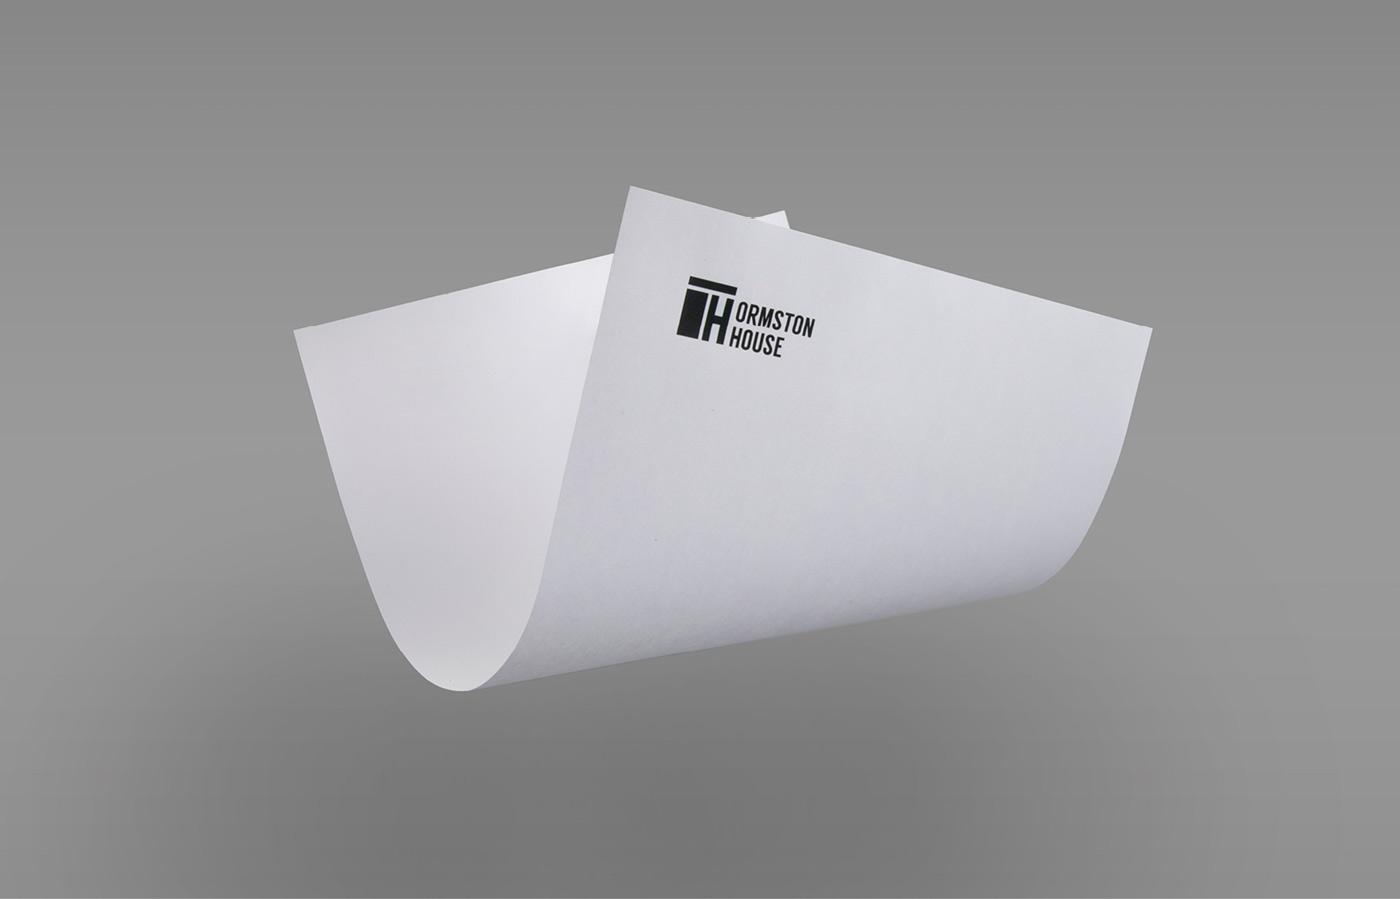 Ormston House Limerick brand development of branded letter head